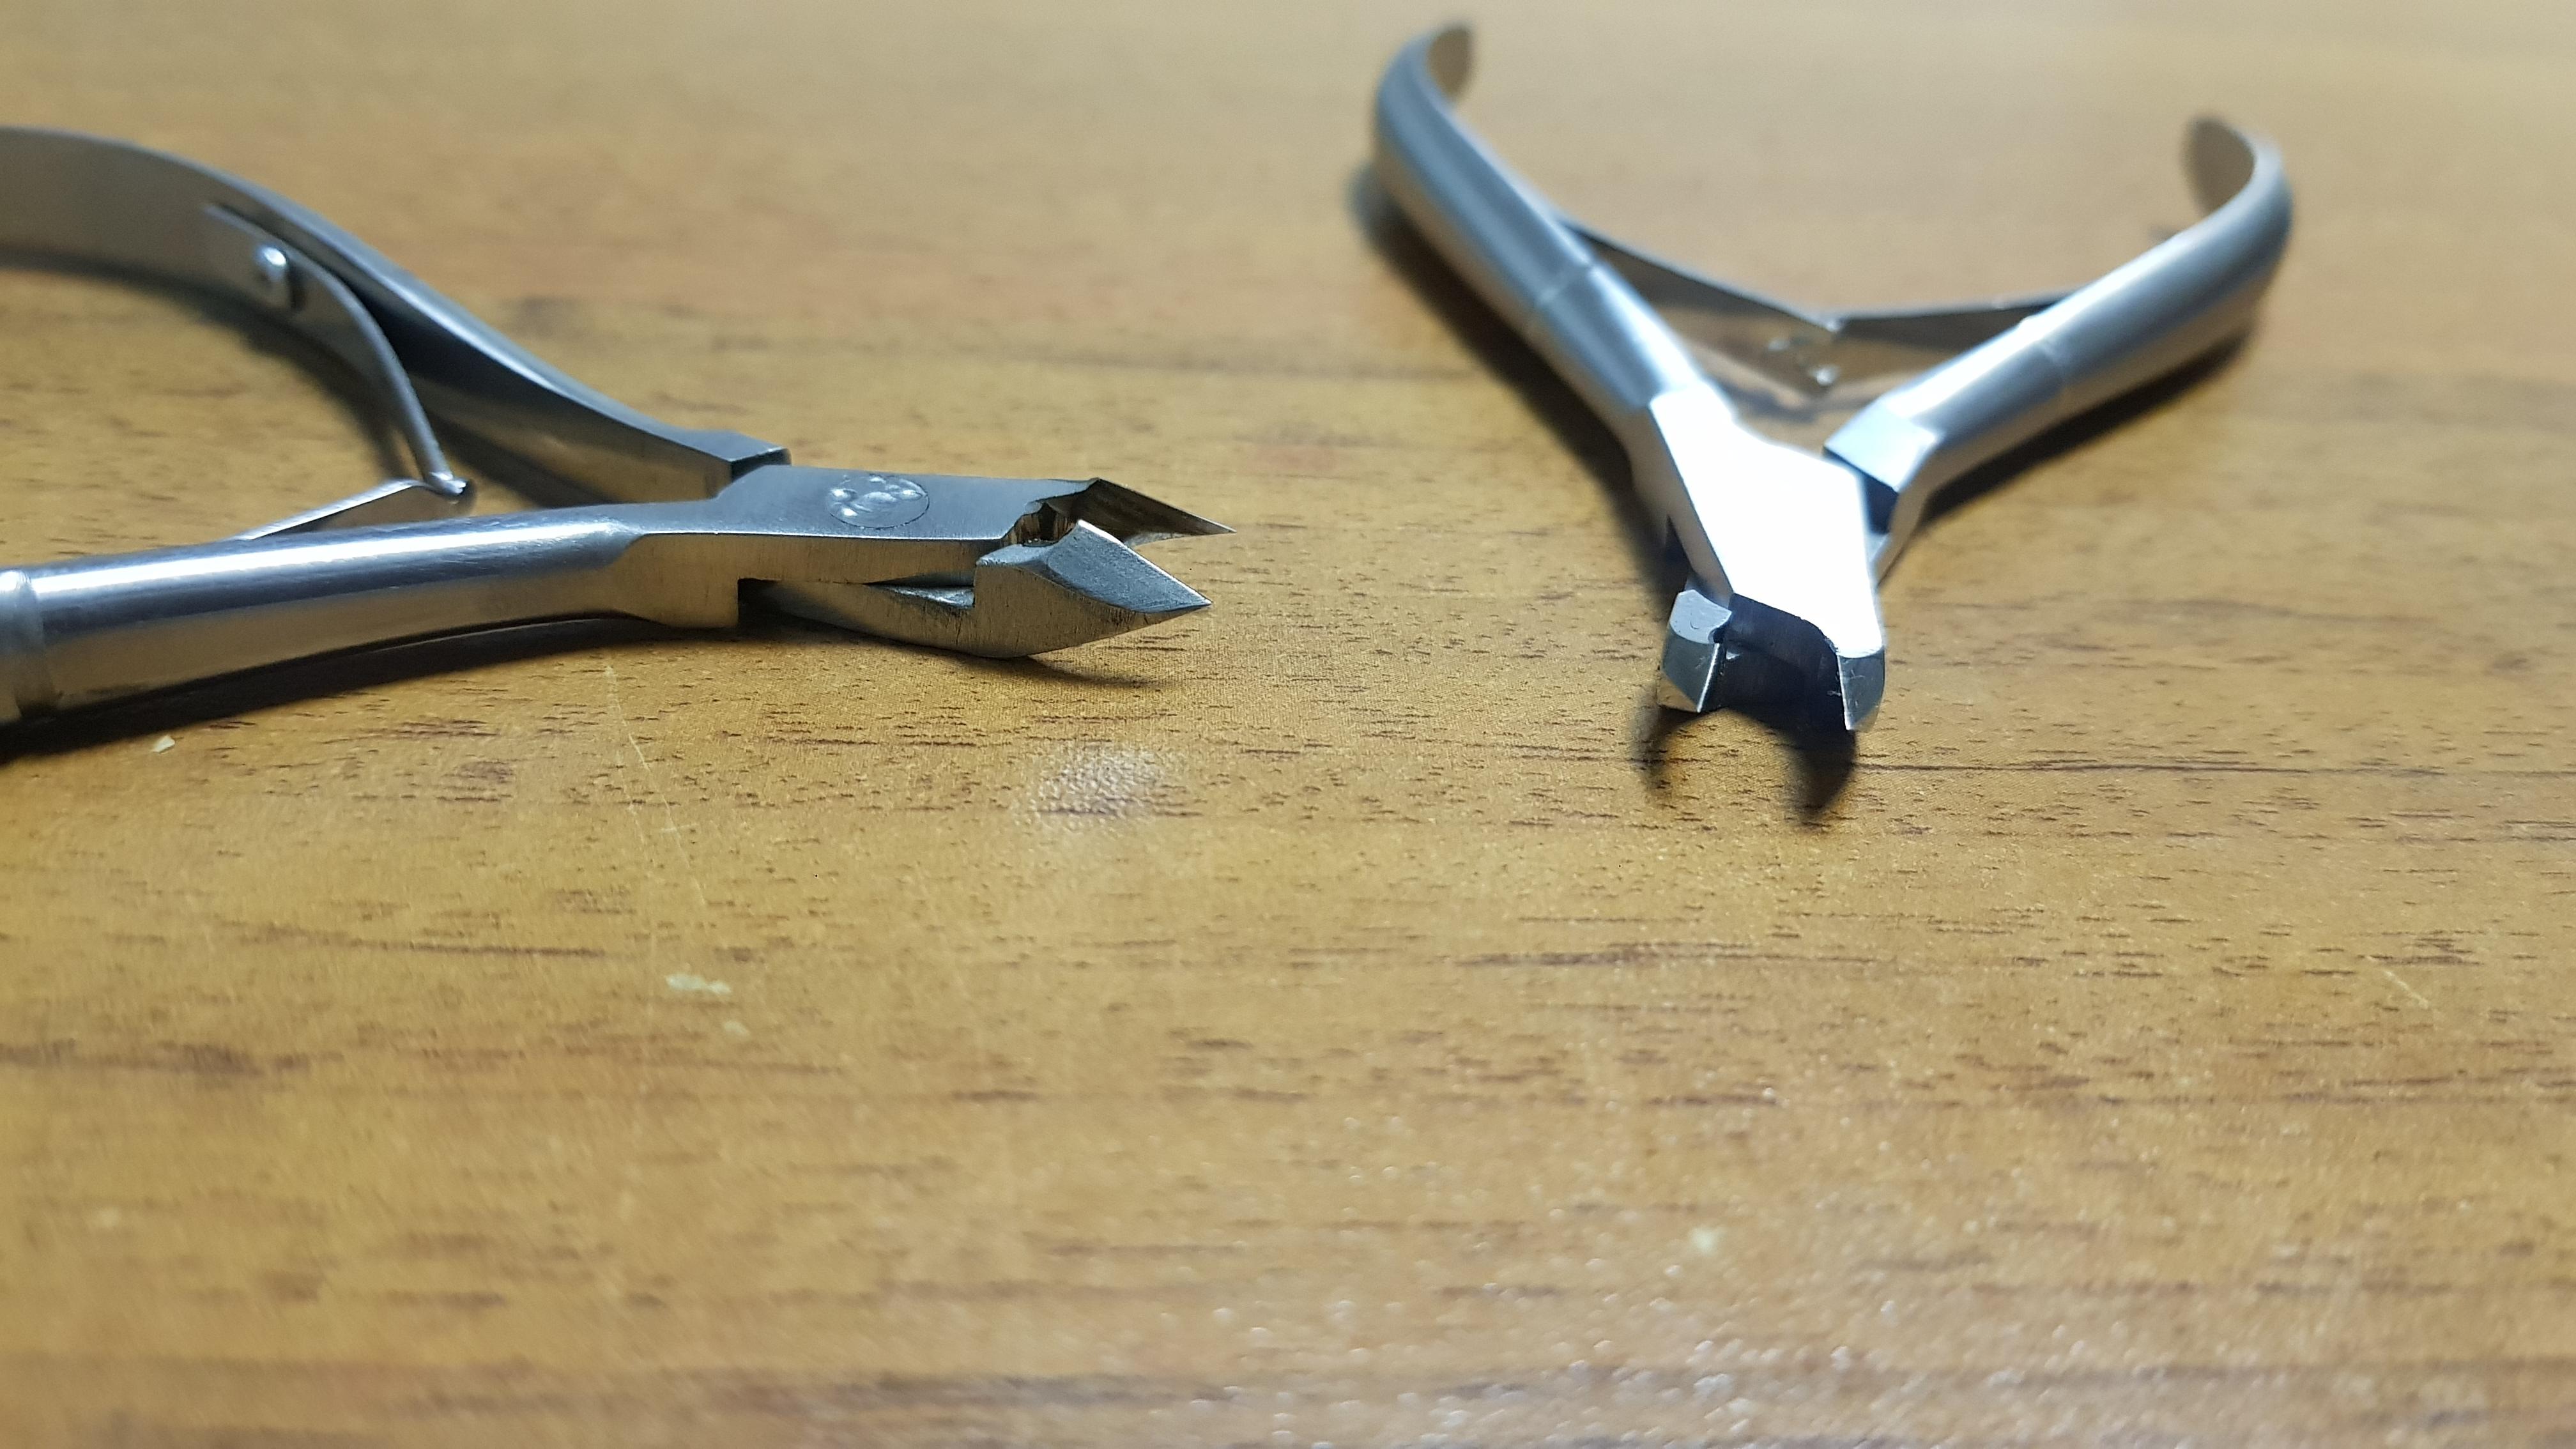 Обучение заточке маникюрных инструментов в Москве Studio Sharp